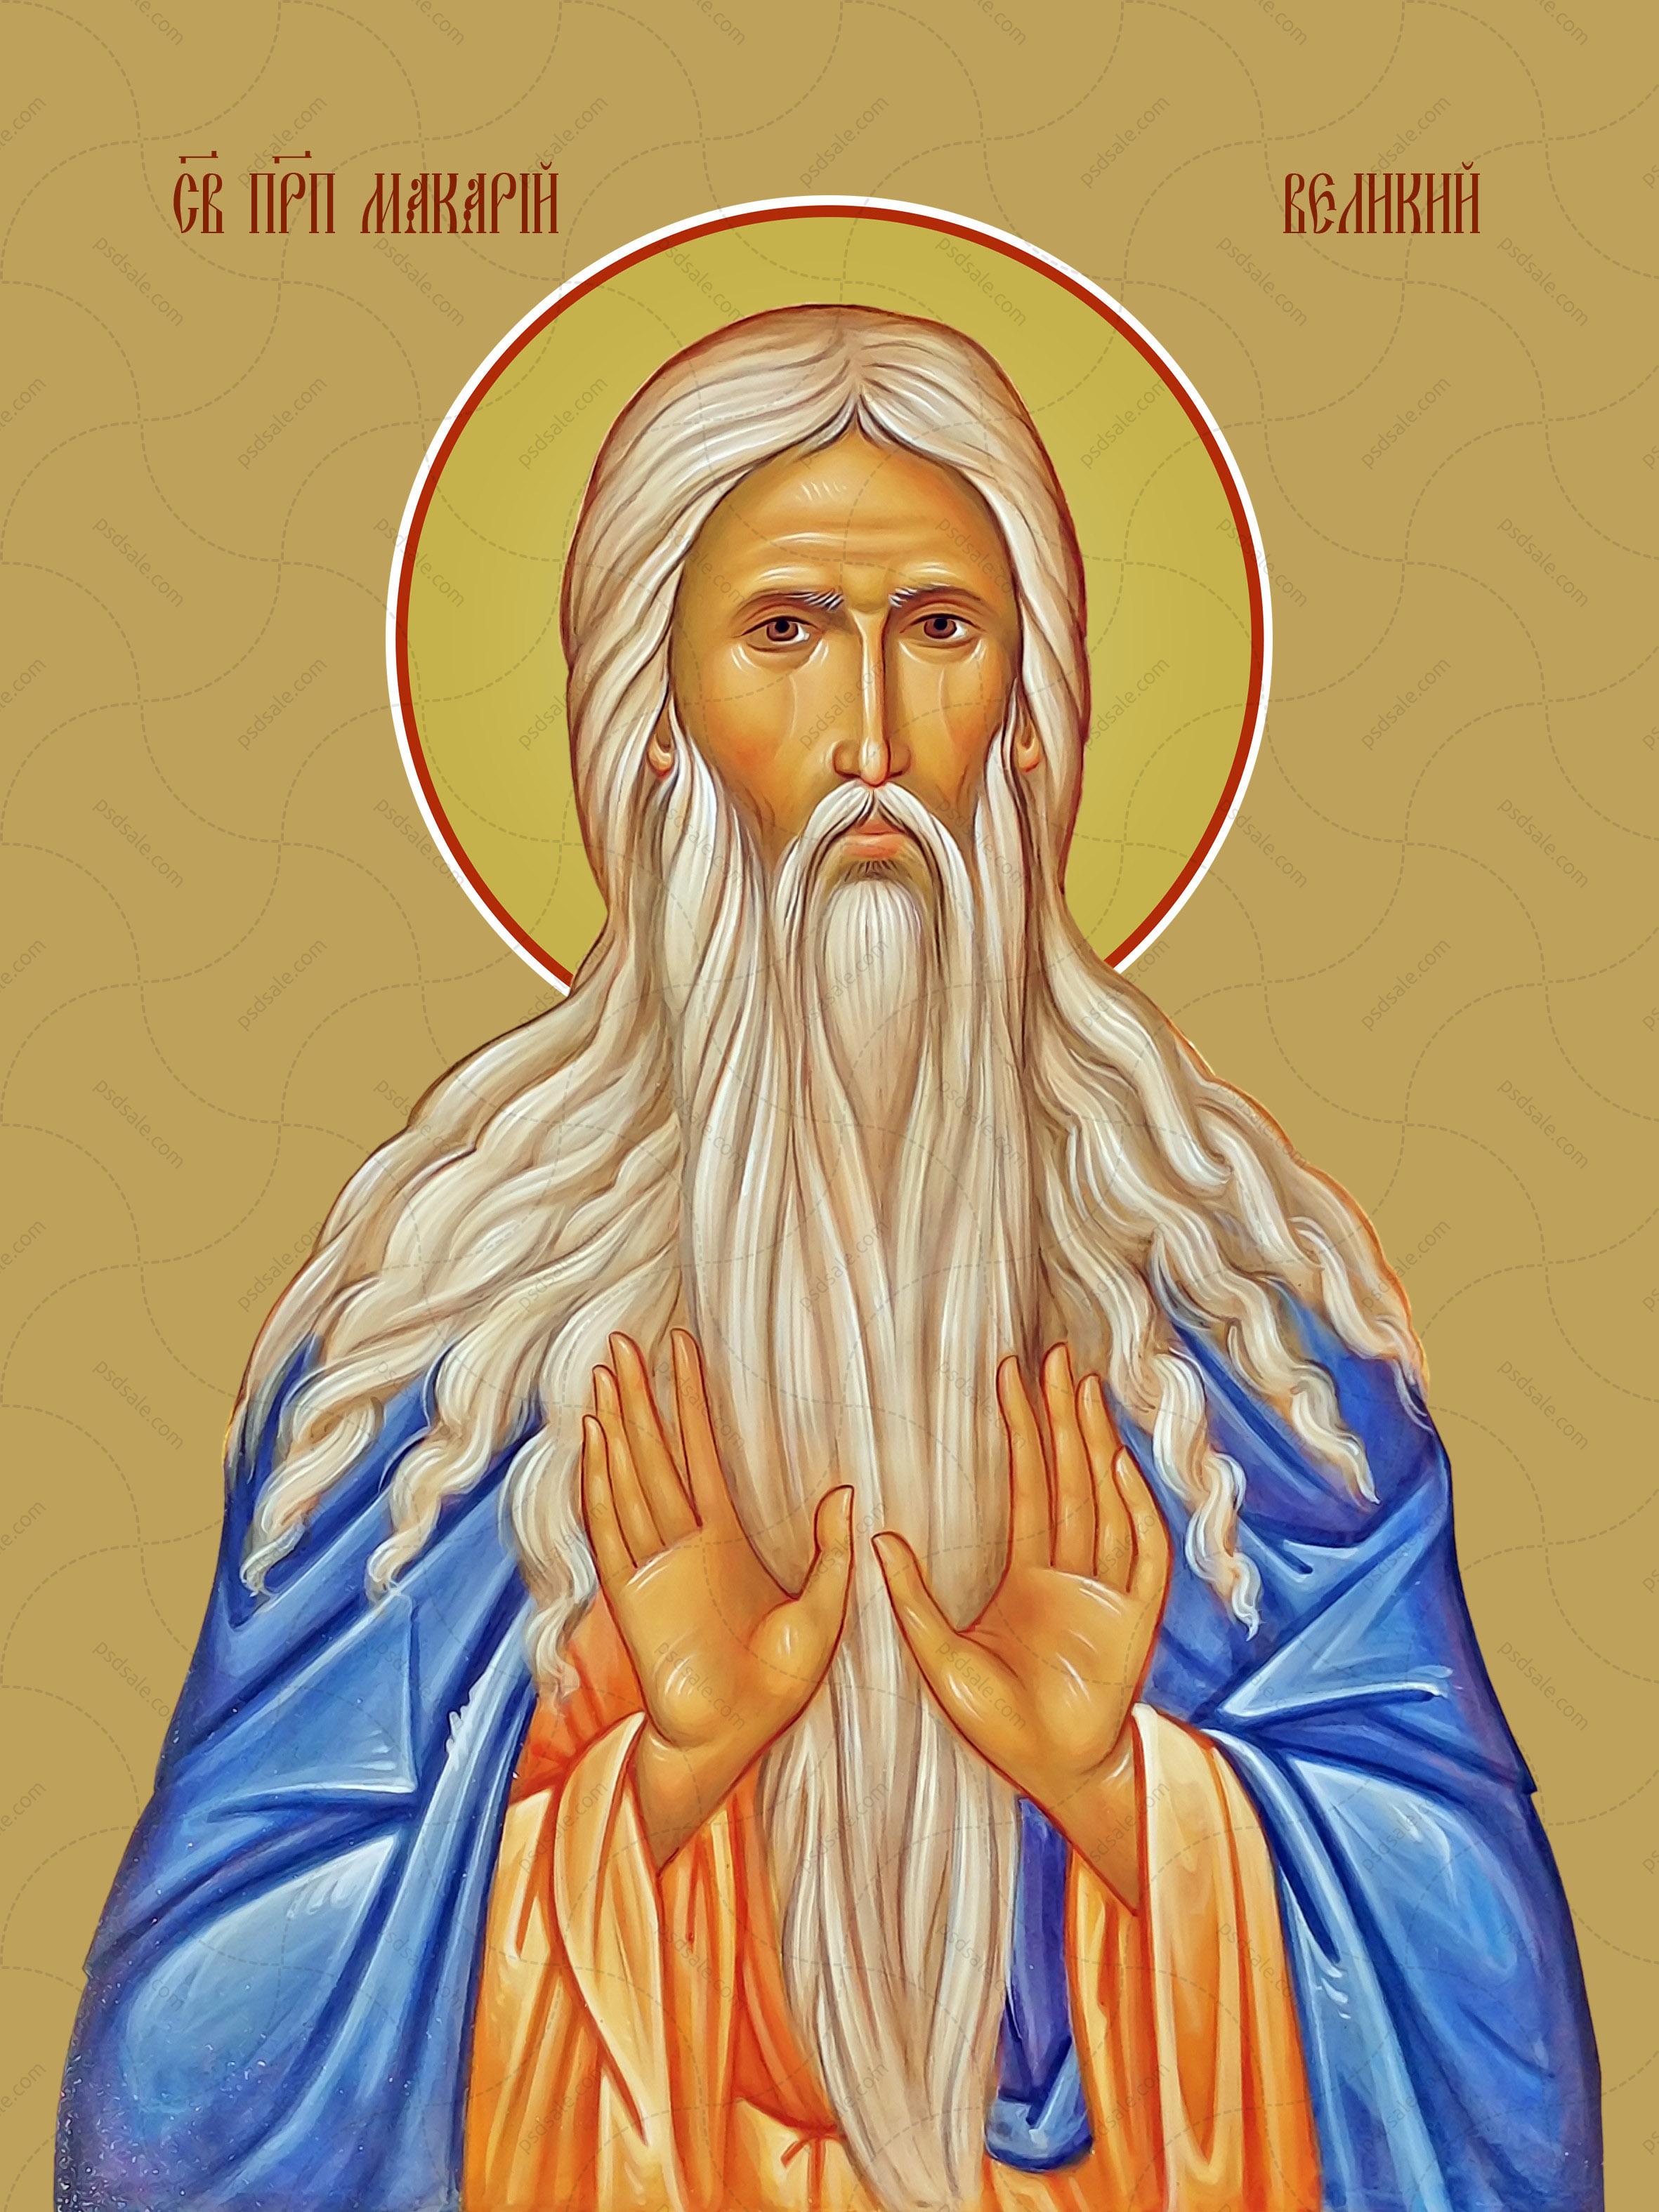 Макарий Великий, святой